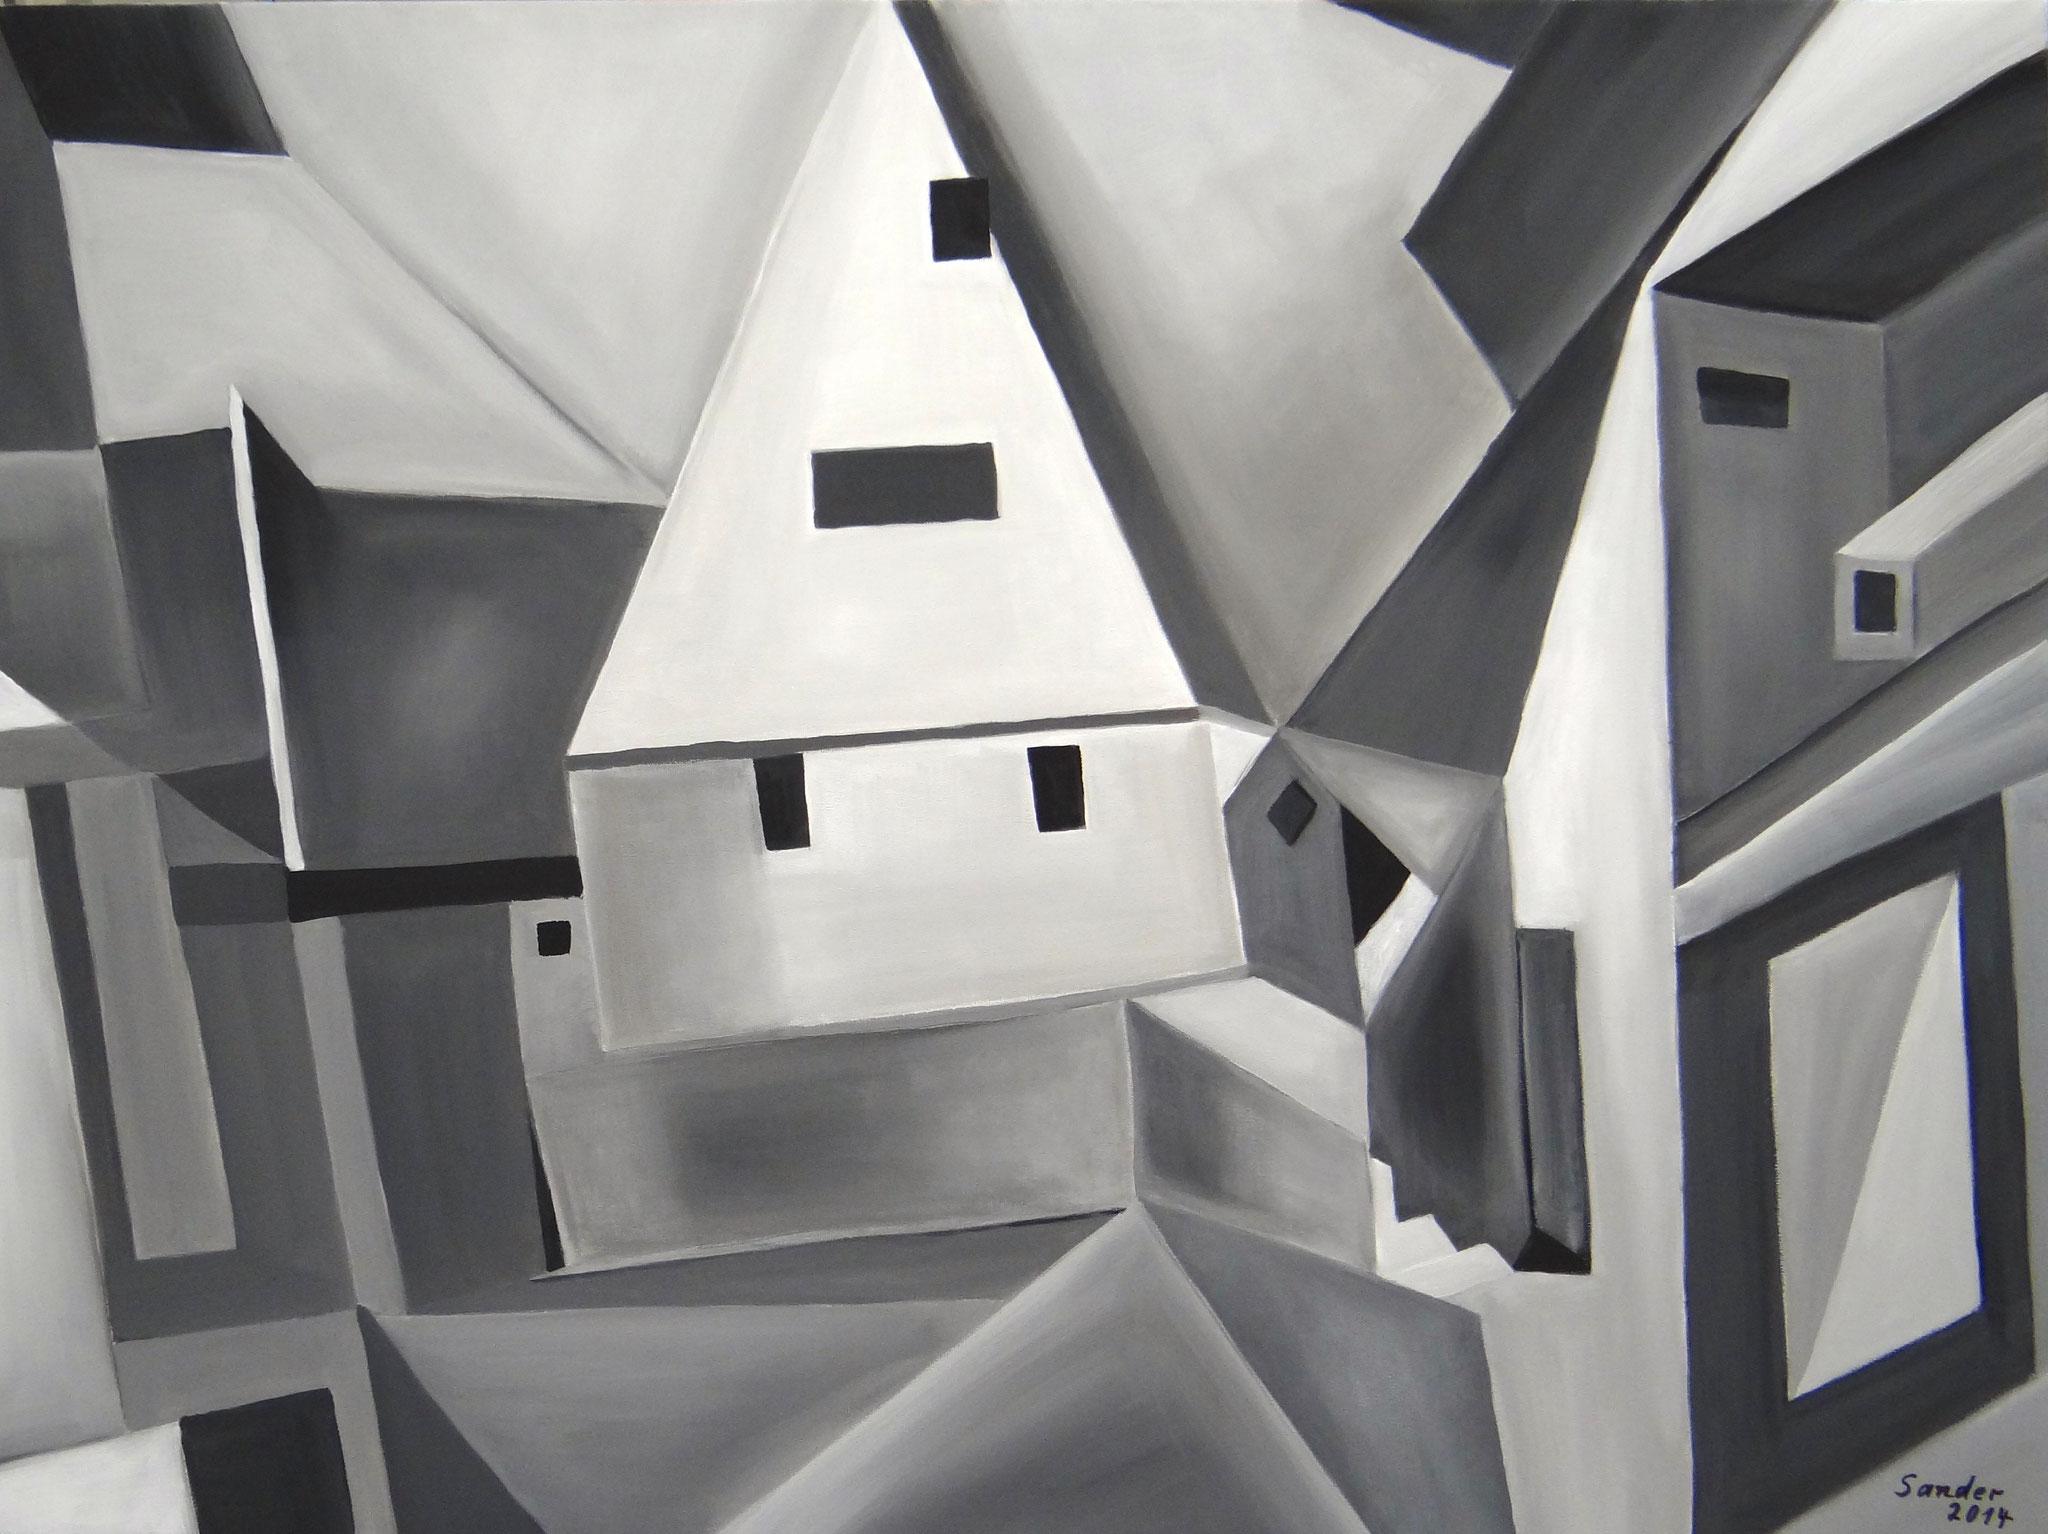 graue Stadt, 80 x 60 cm, Acrylfarben auf Keilrahmen, signiert und datiert 2014